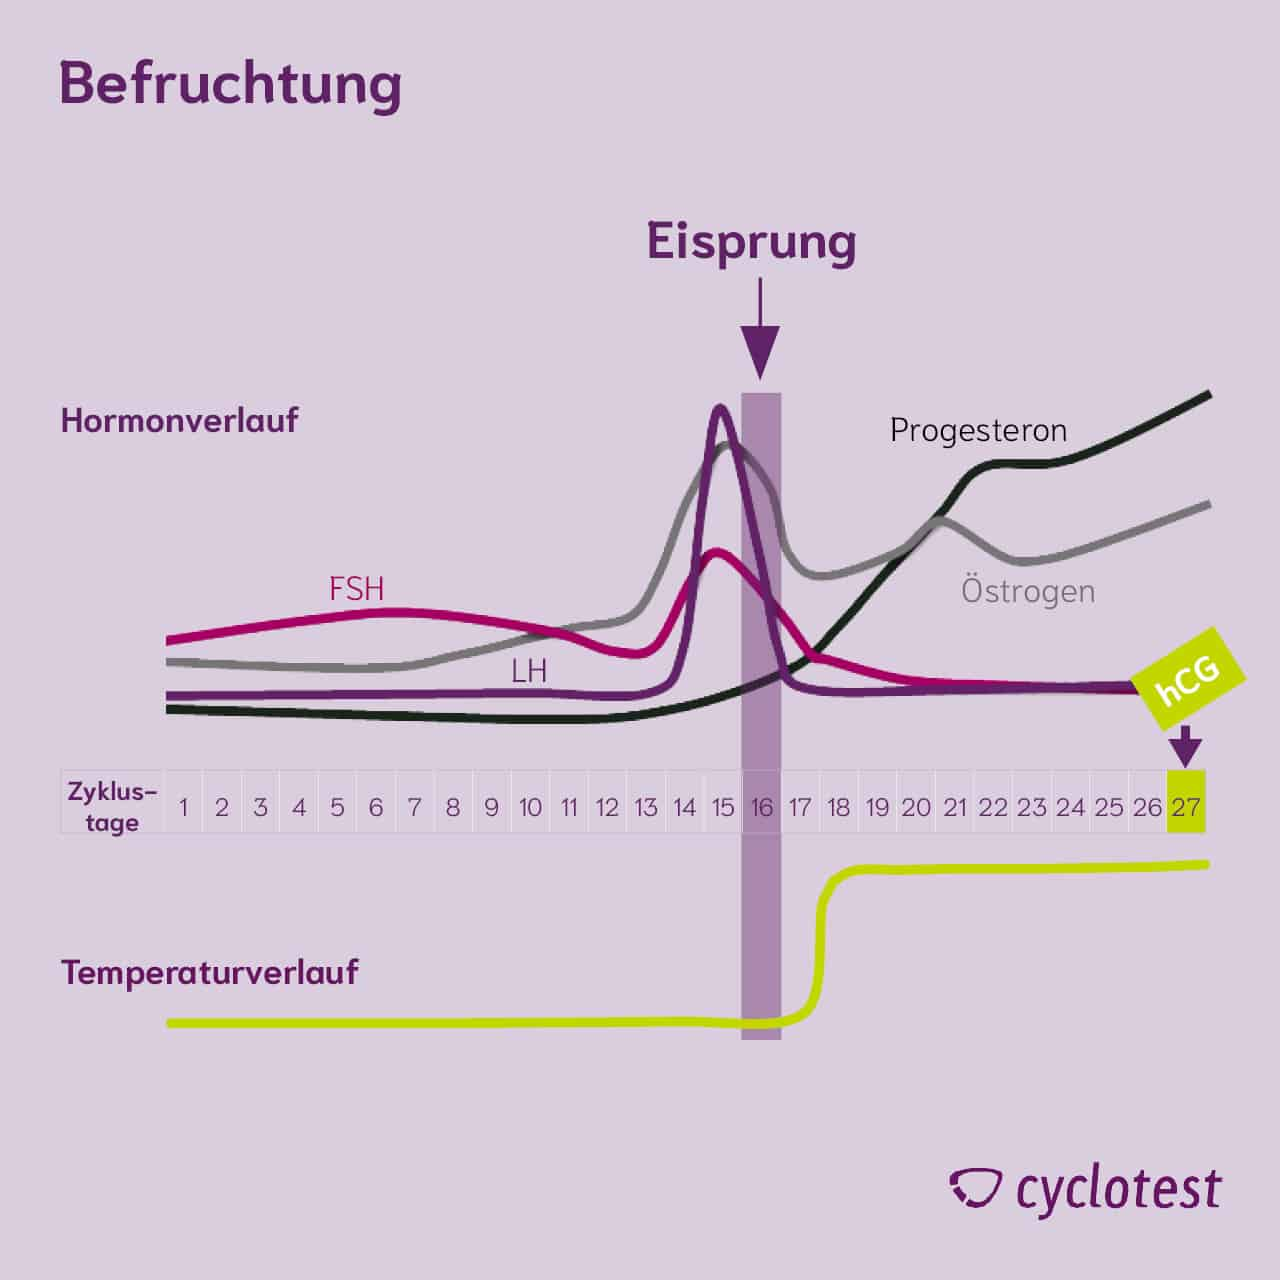 Darstellung des Verlaufs der Hormone FSH, LH, Progesteron und Östrogen sowie der Temperatur während eines Zyklus bei einer Schwangerschaft.